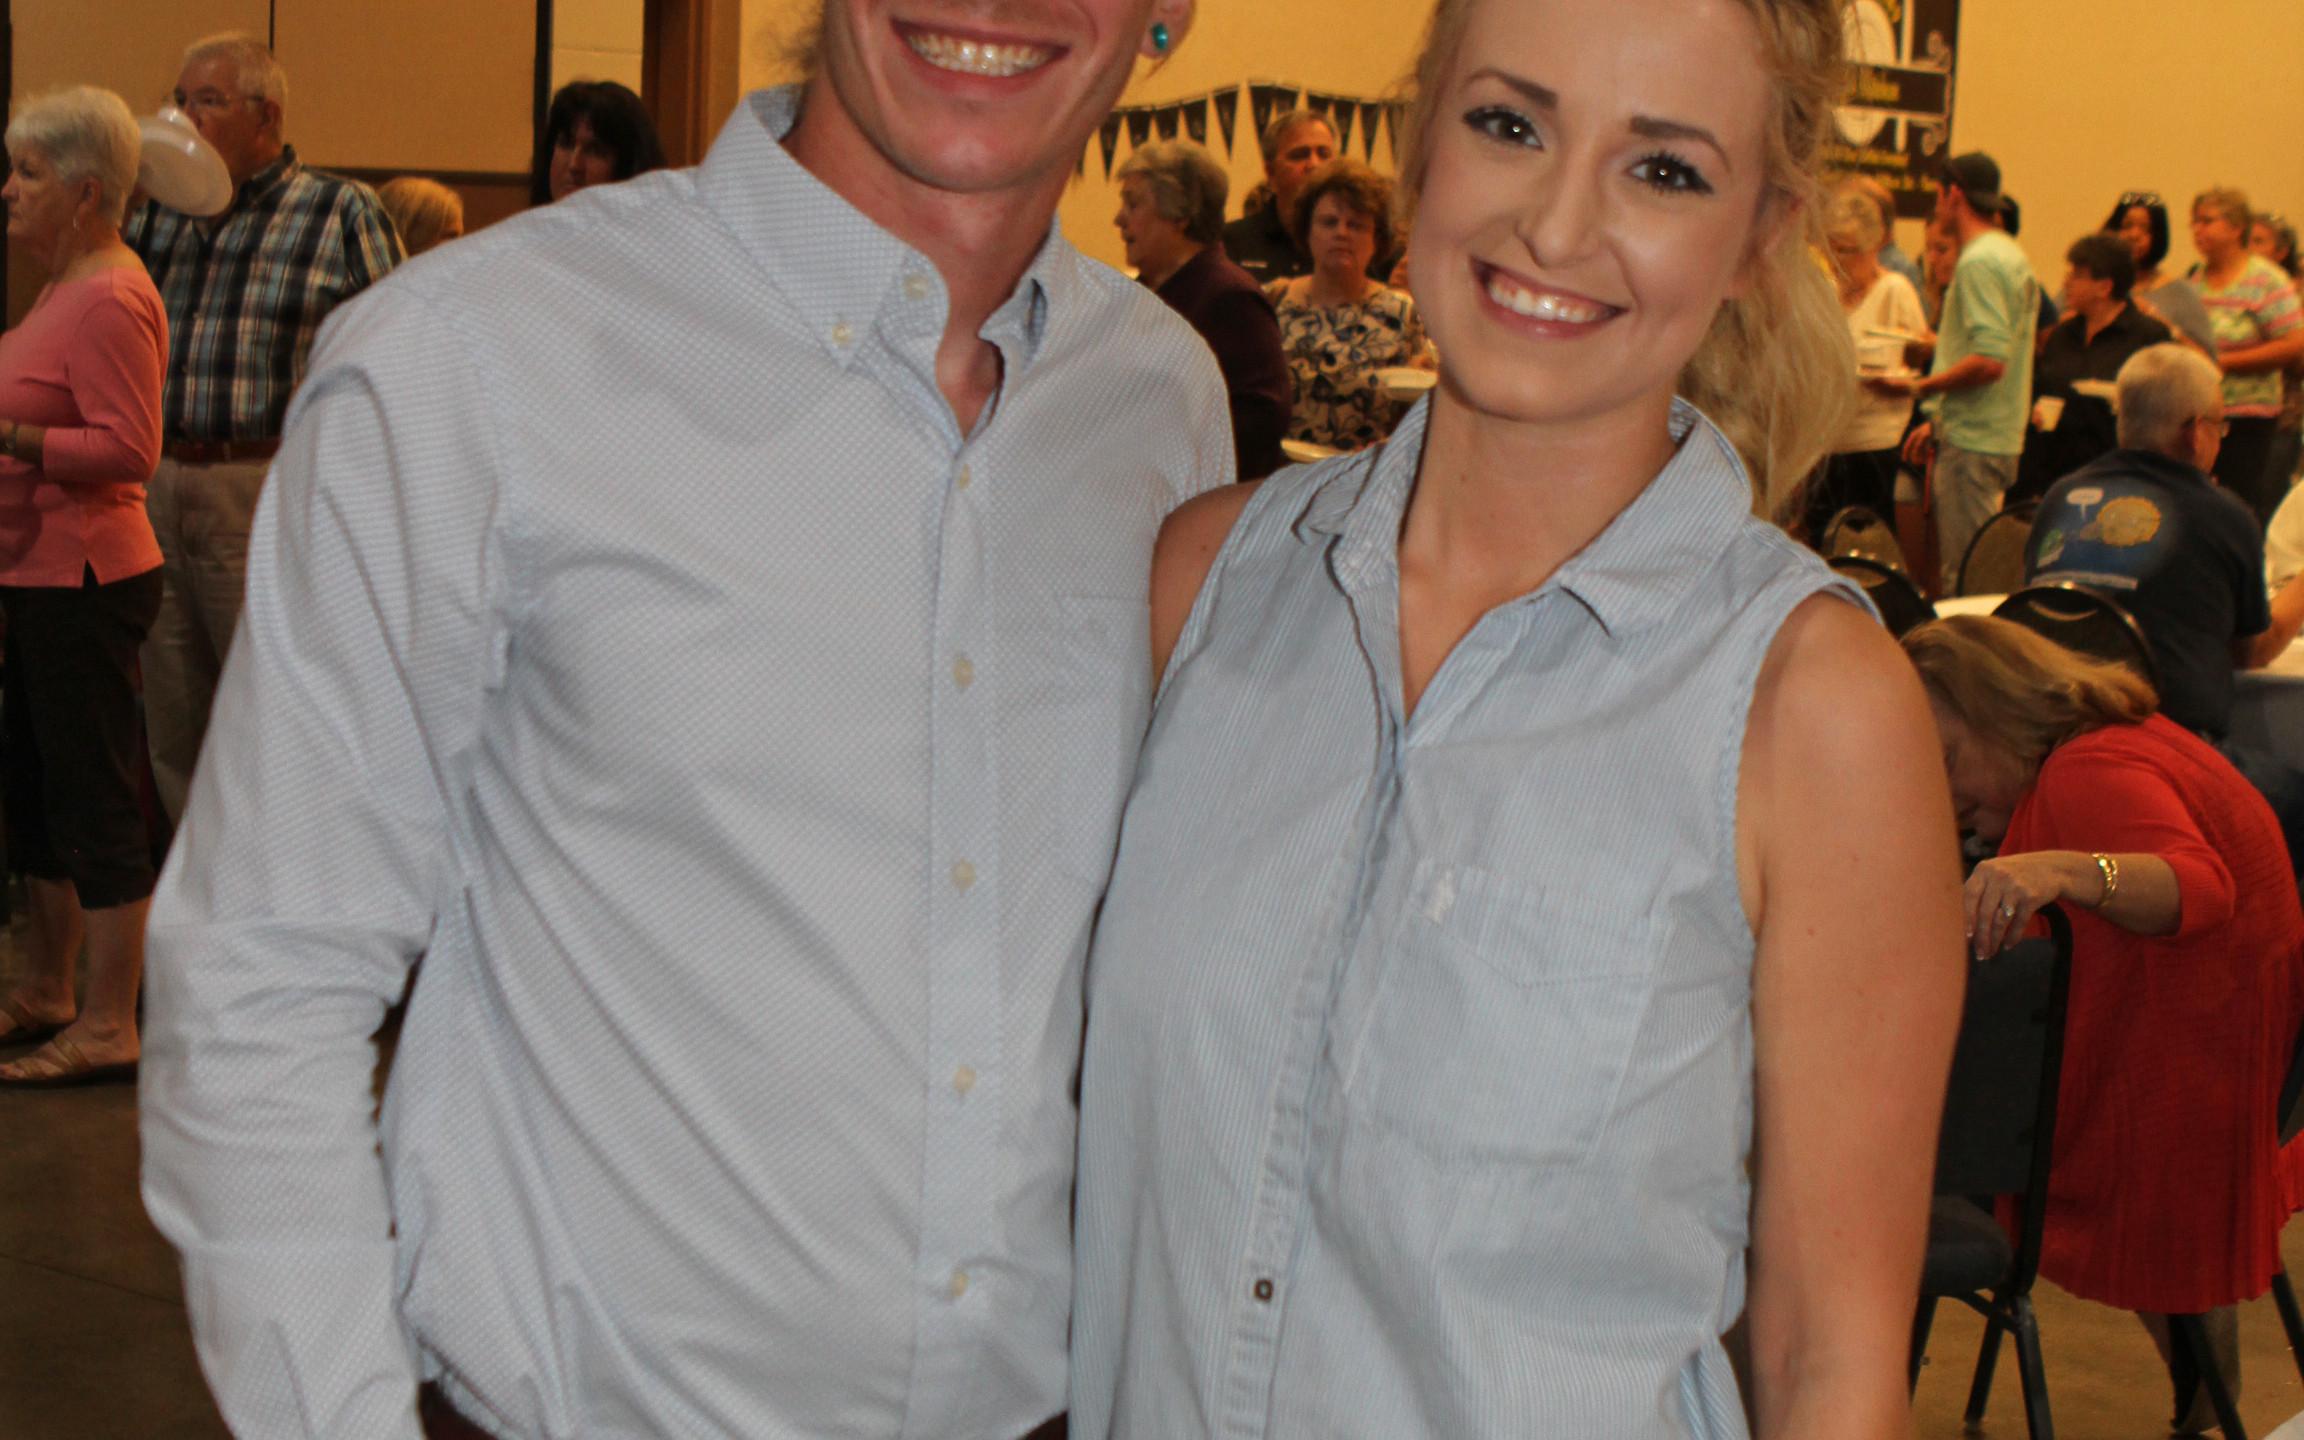 Dustin & Stephanie Frazier